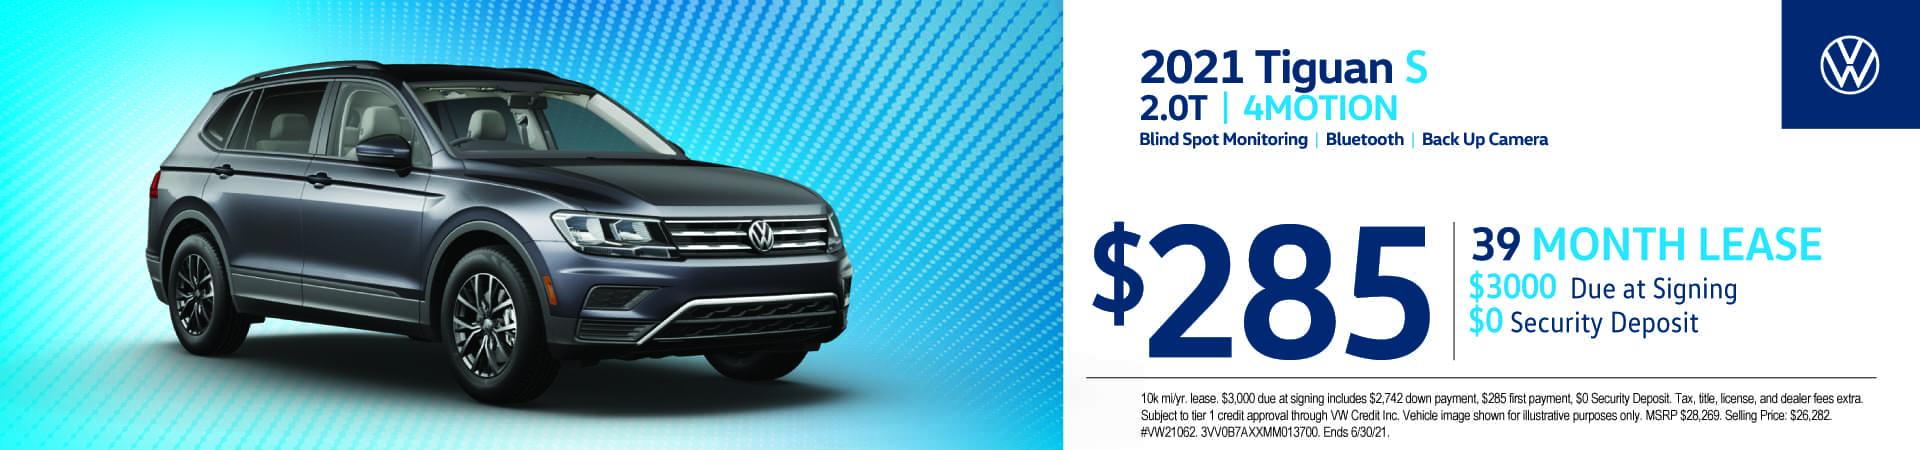 June-2021-VW-CS-Slides_2021-Tiguan-S